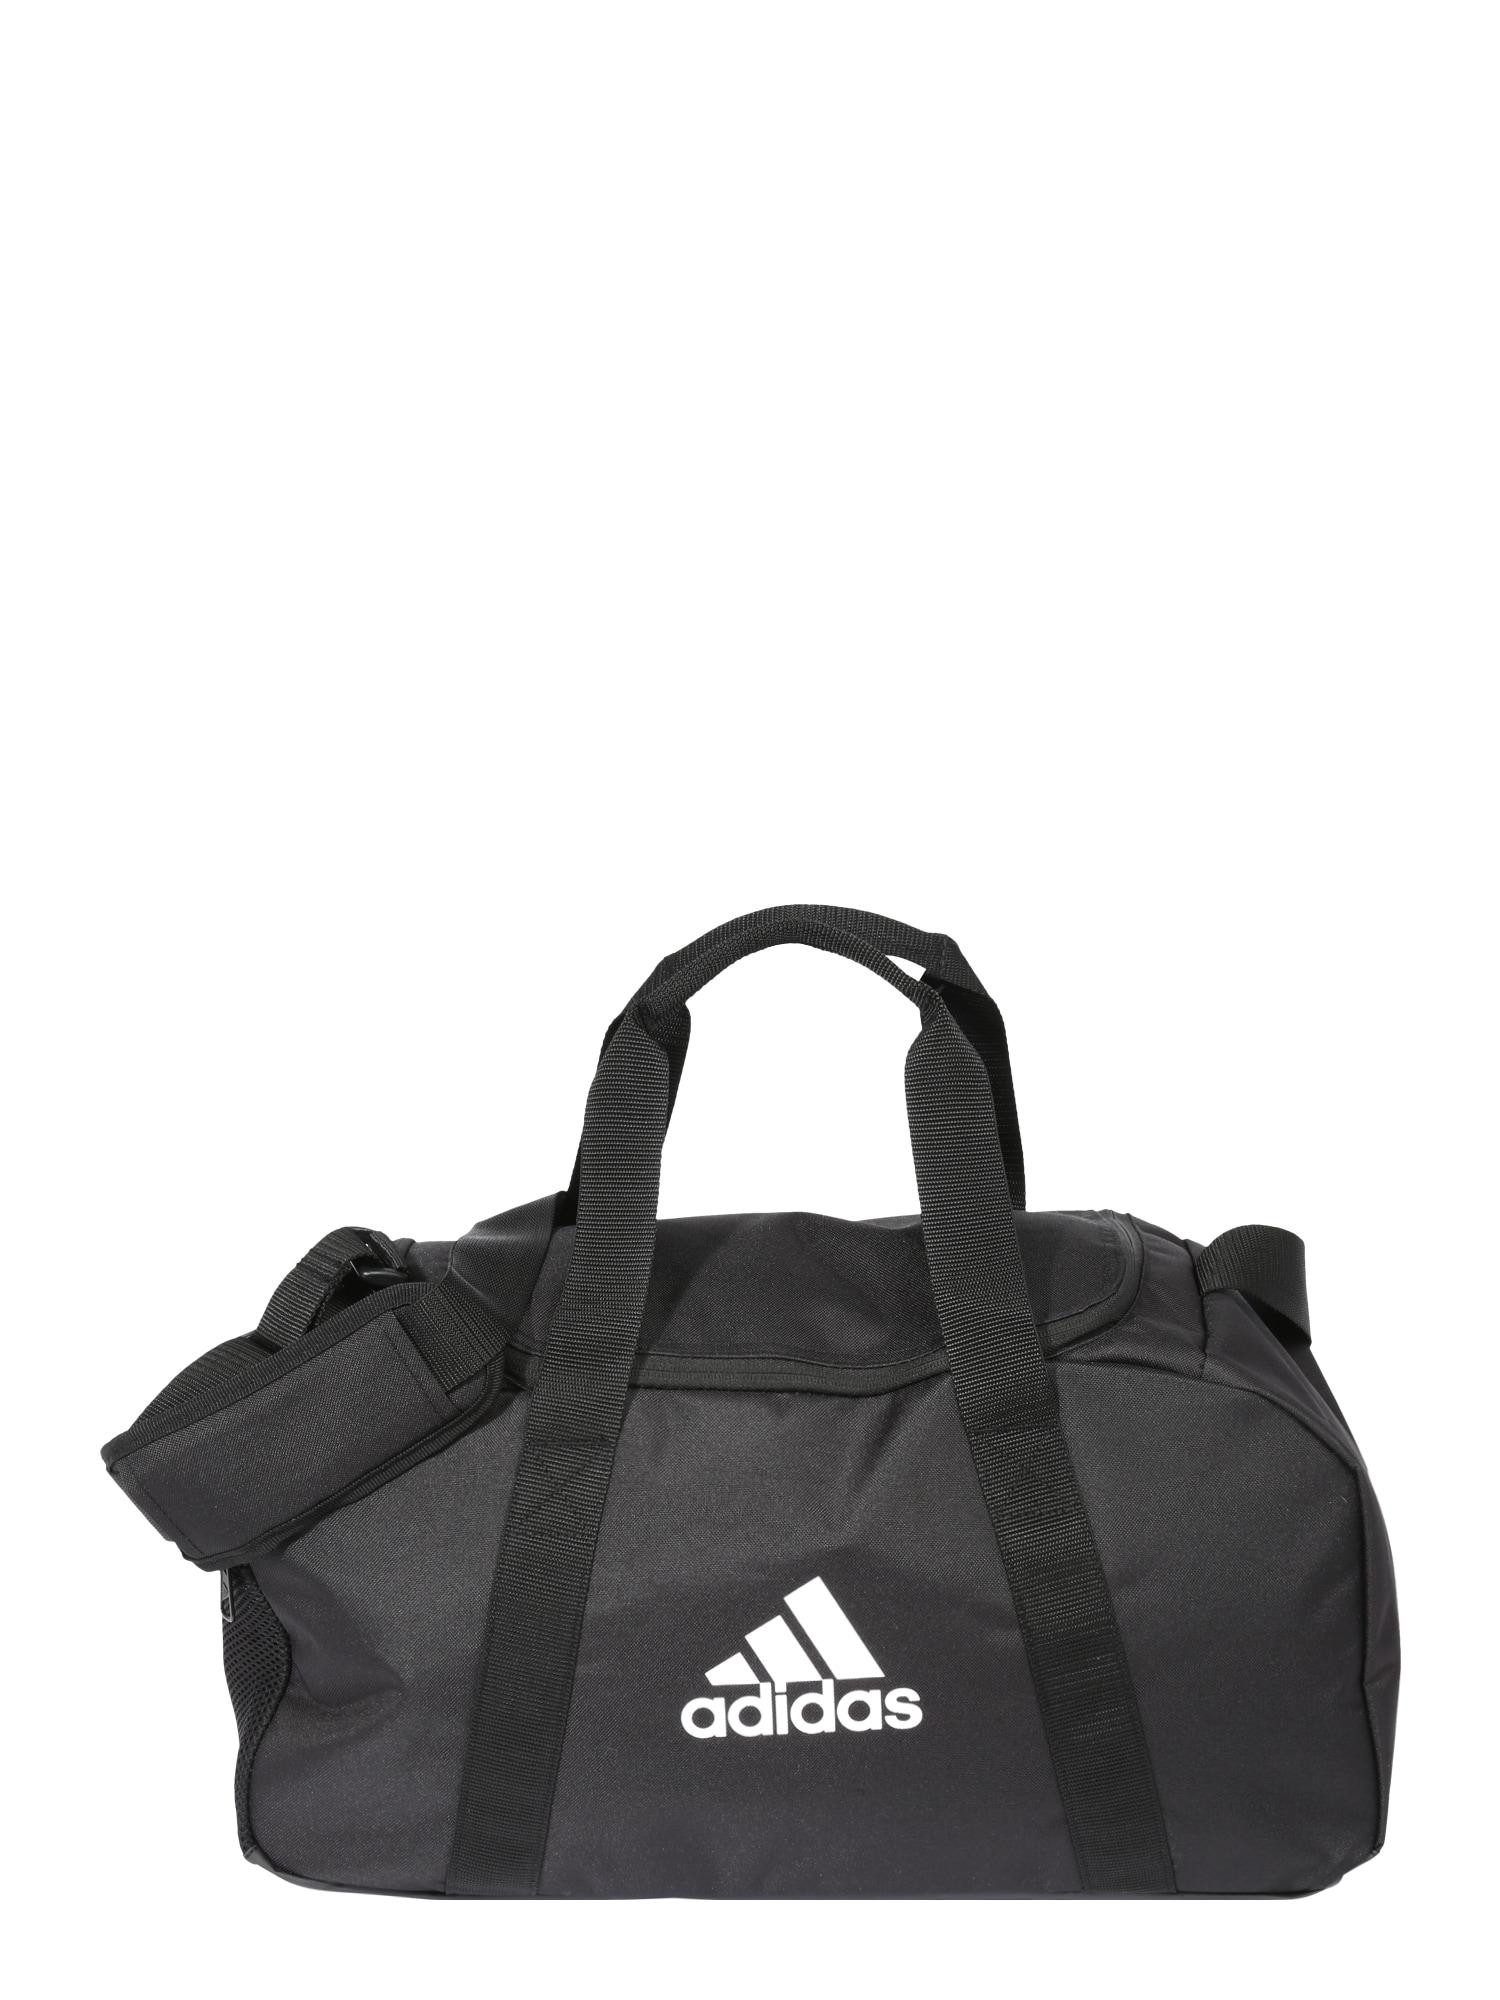 ADIDAS PERFORMANCE Sportinis krepšys balta / antracito